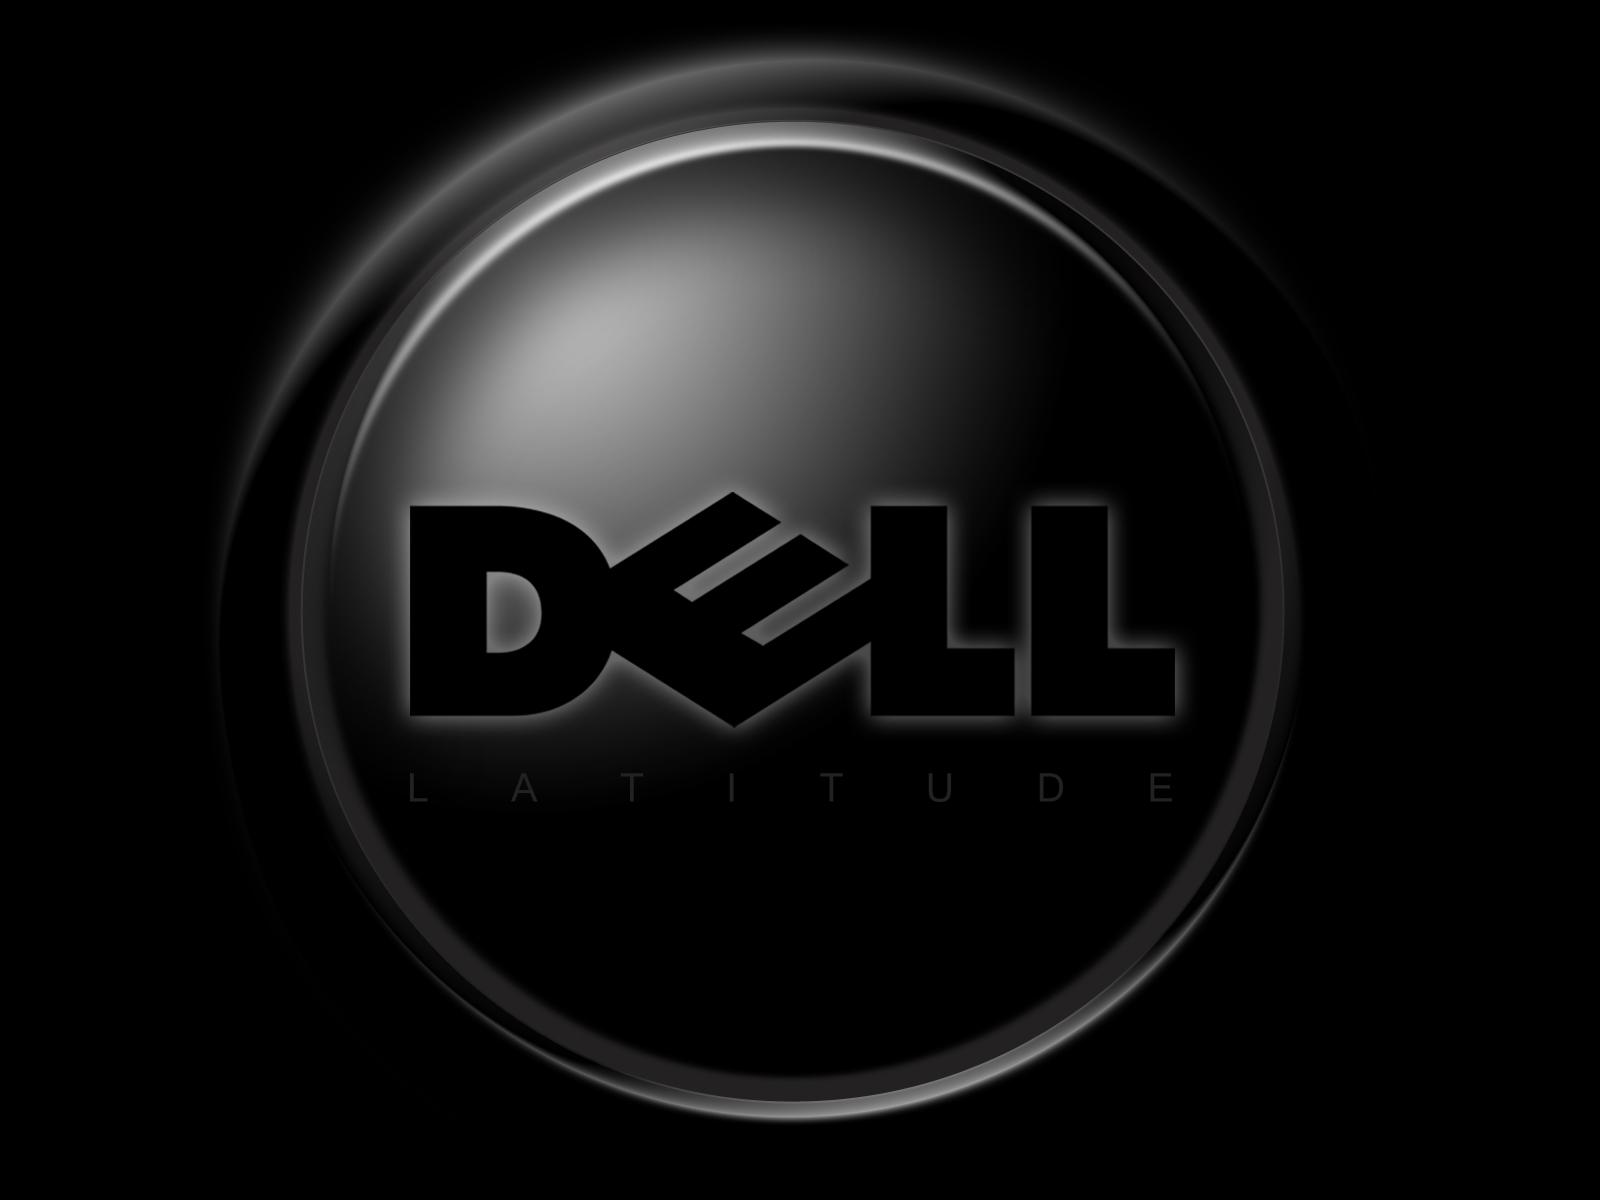 http://4.bp.blogspot.com/-0xJ4-lJMODM/UF9HUe3T9YI/AAAAAAAAB3g/c_h1QCjvj9I/s1600/Dell+Wallpaper+(5).jpg